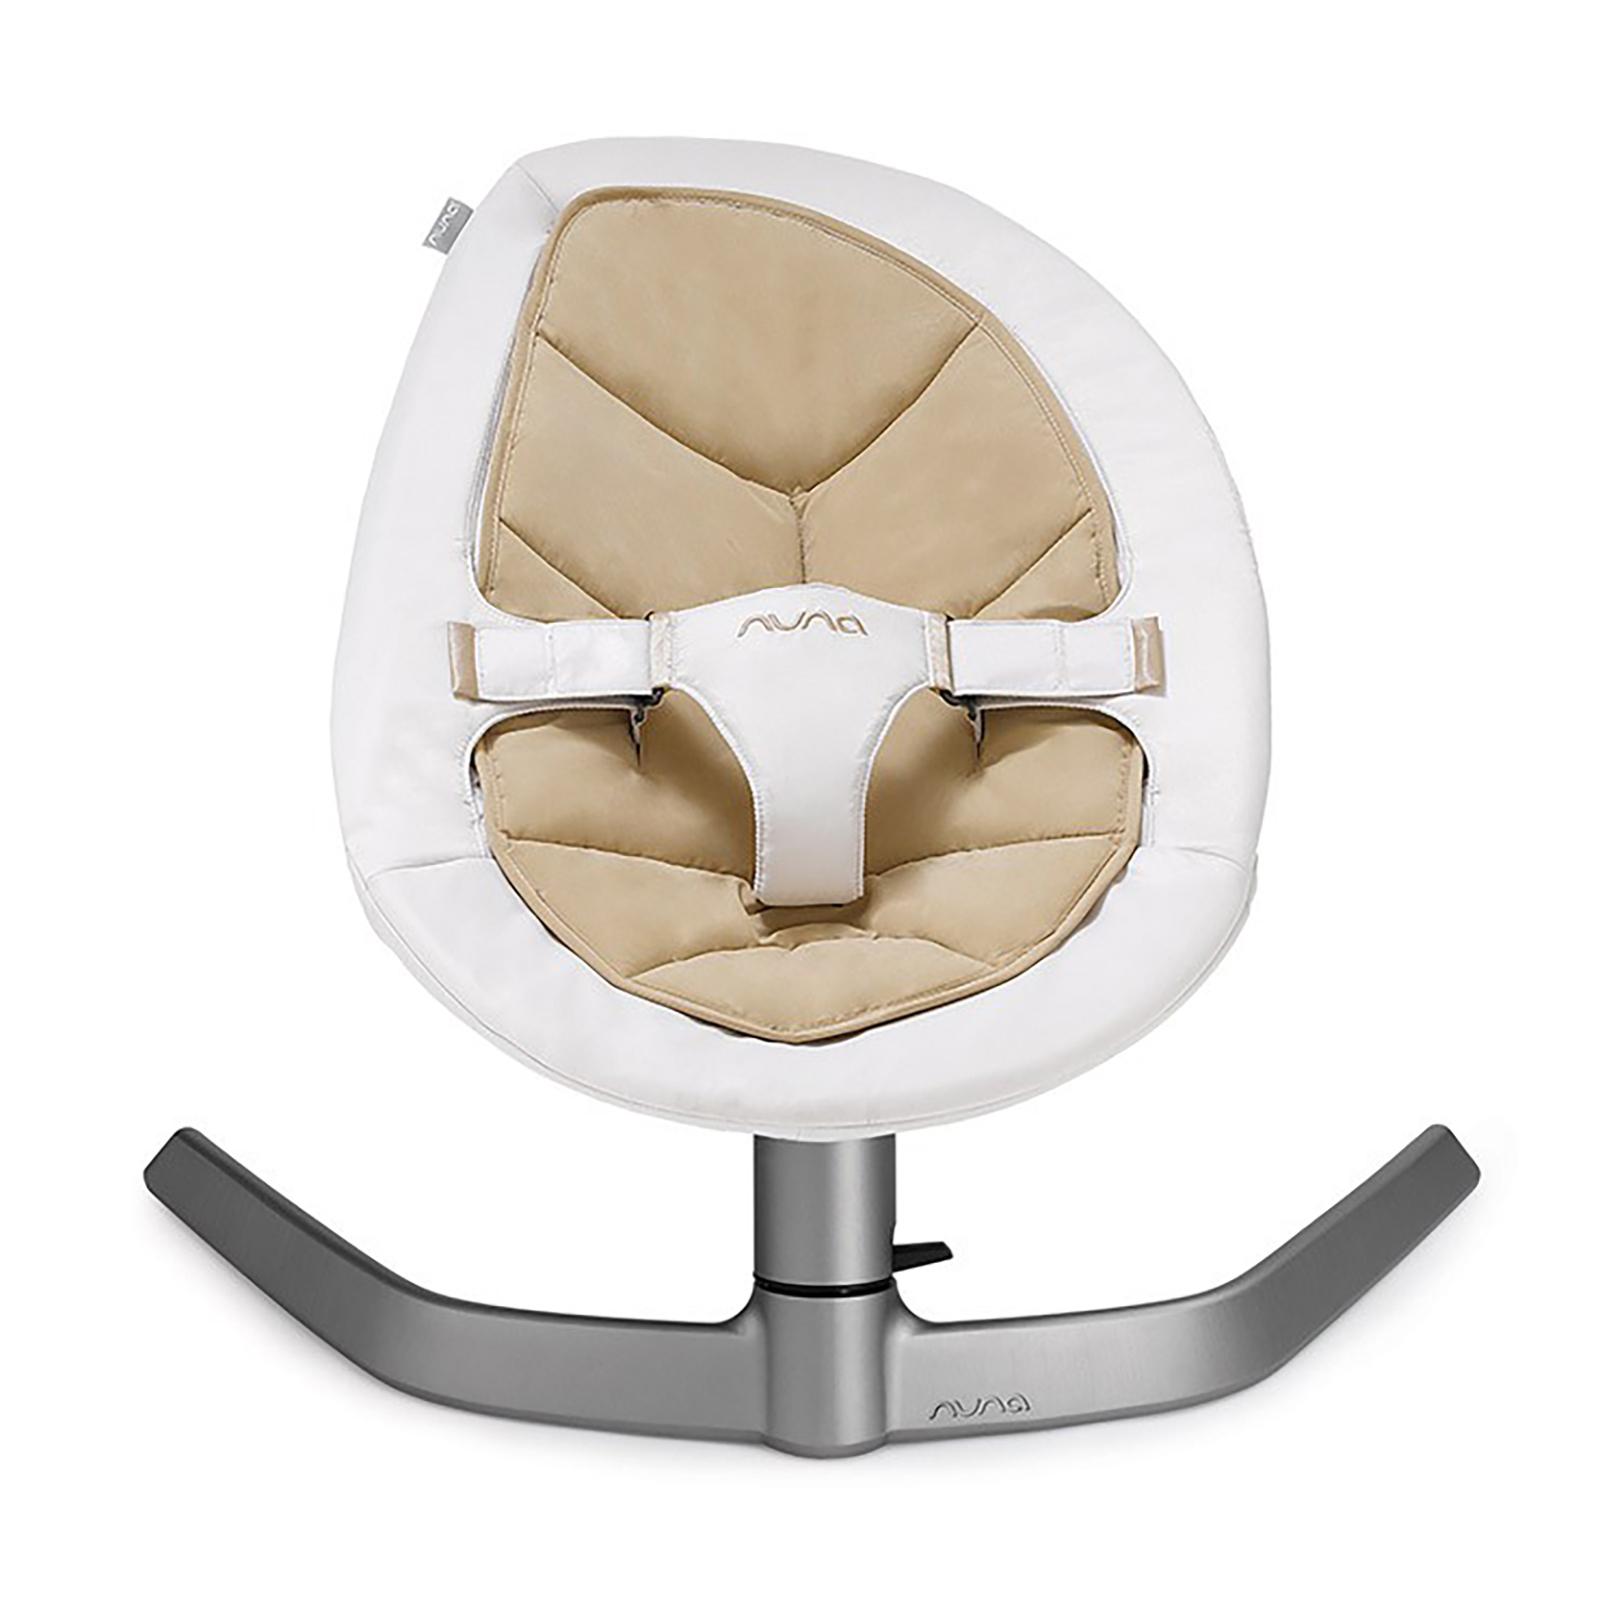 Nuna Leaf Rocker / Bouncer Chair - Bisque £89.95 @ Online4baby